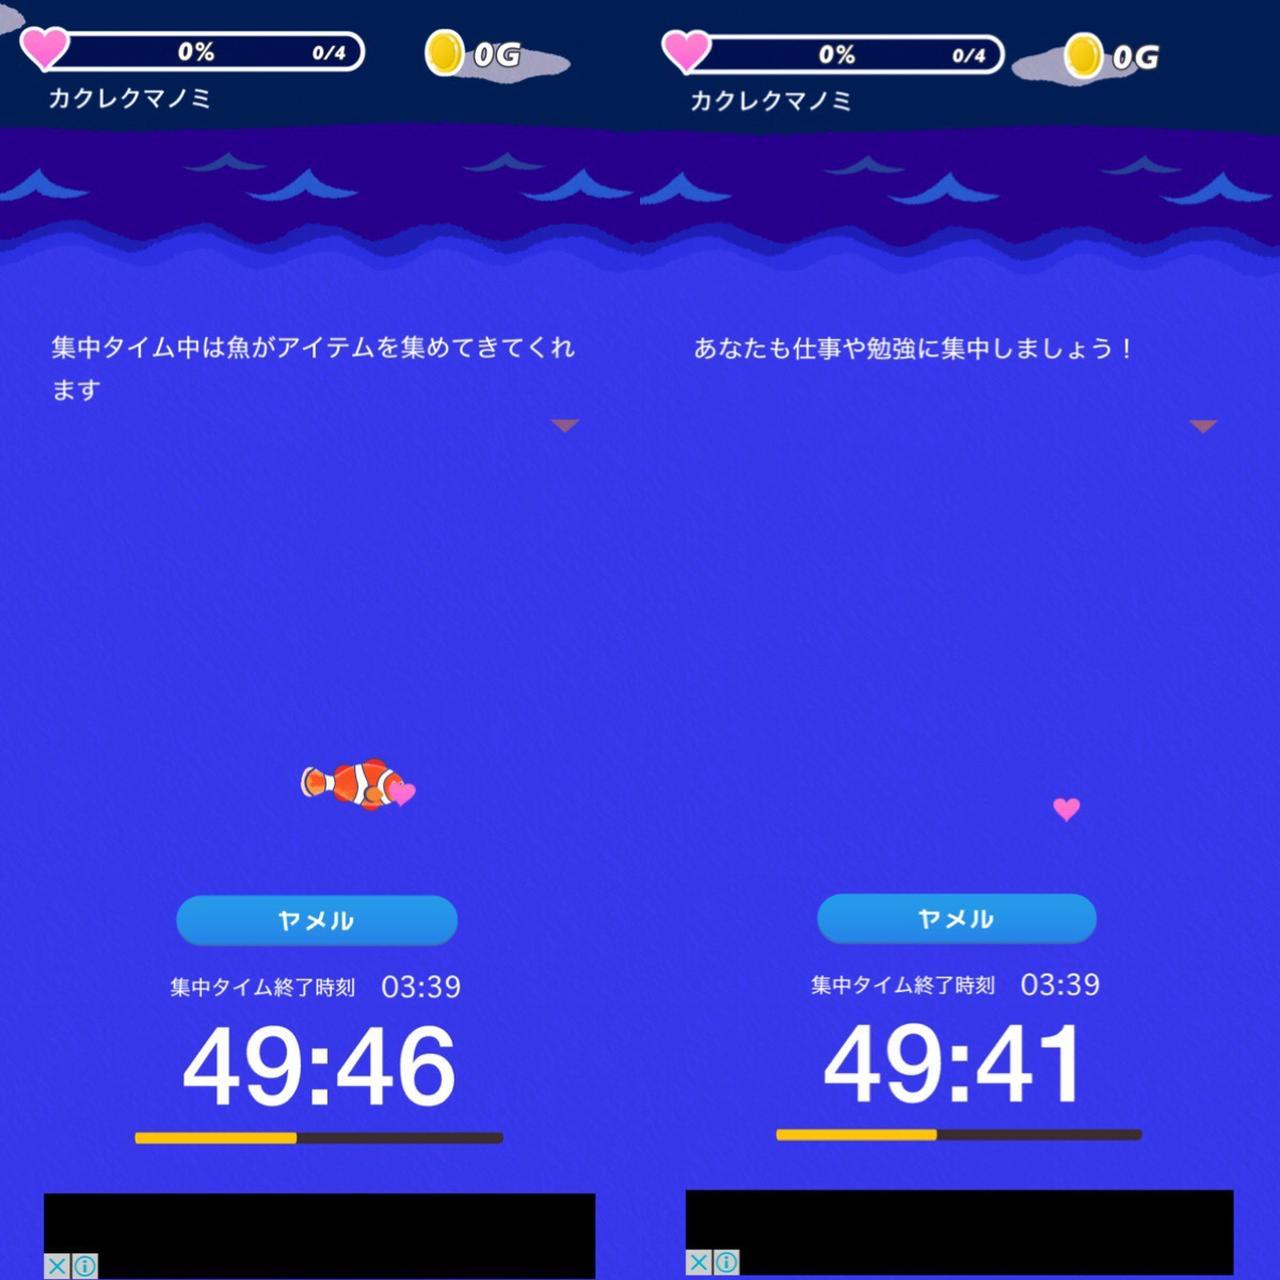 画像2: 育成ゲームとタイマーが合体したスマホ依存解消アプリ!